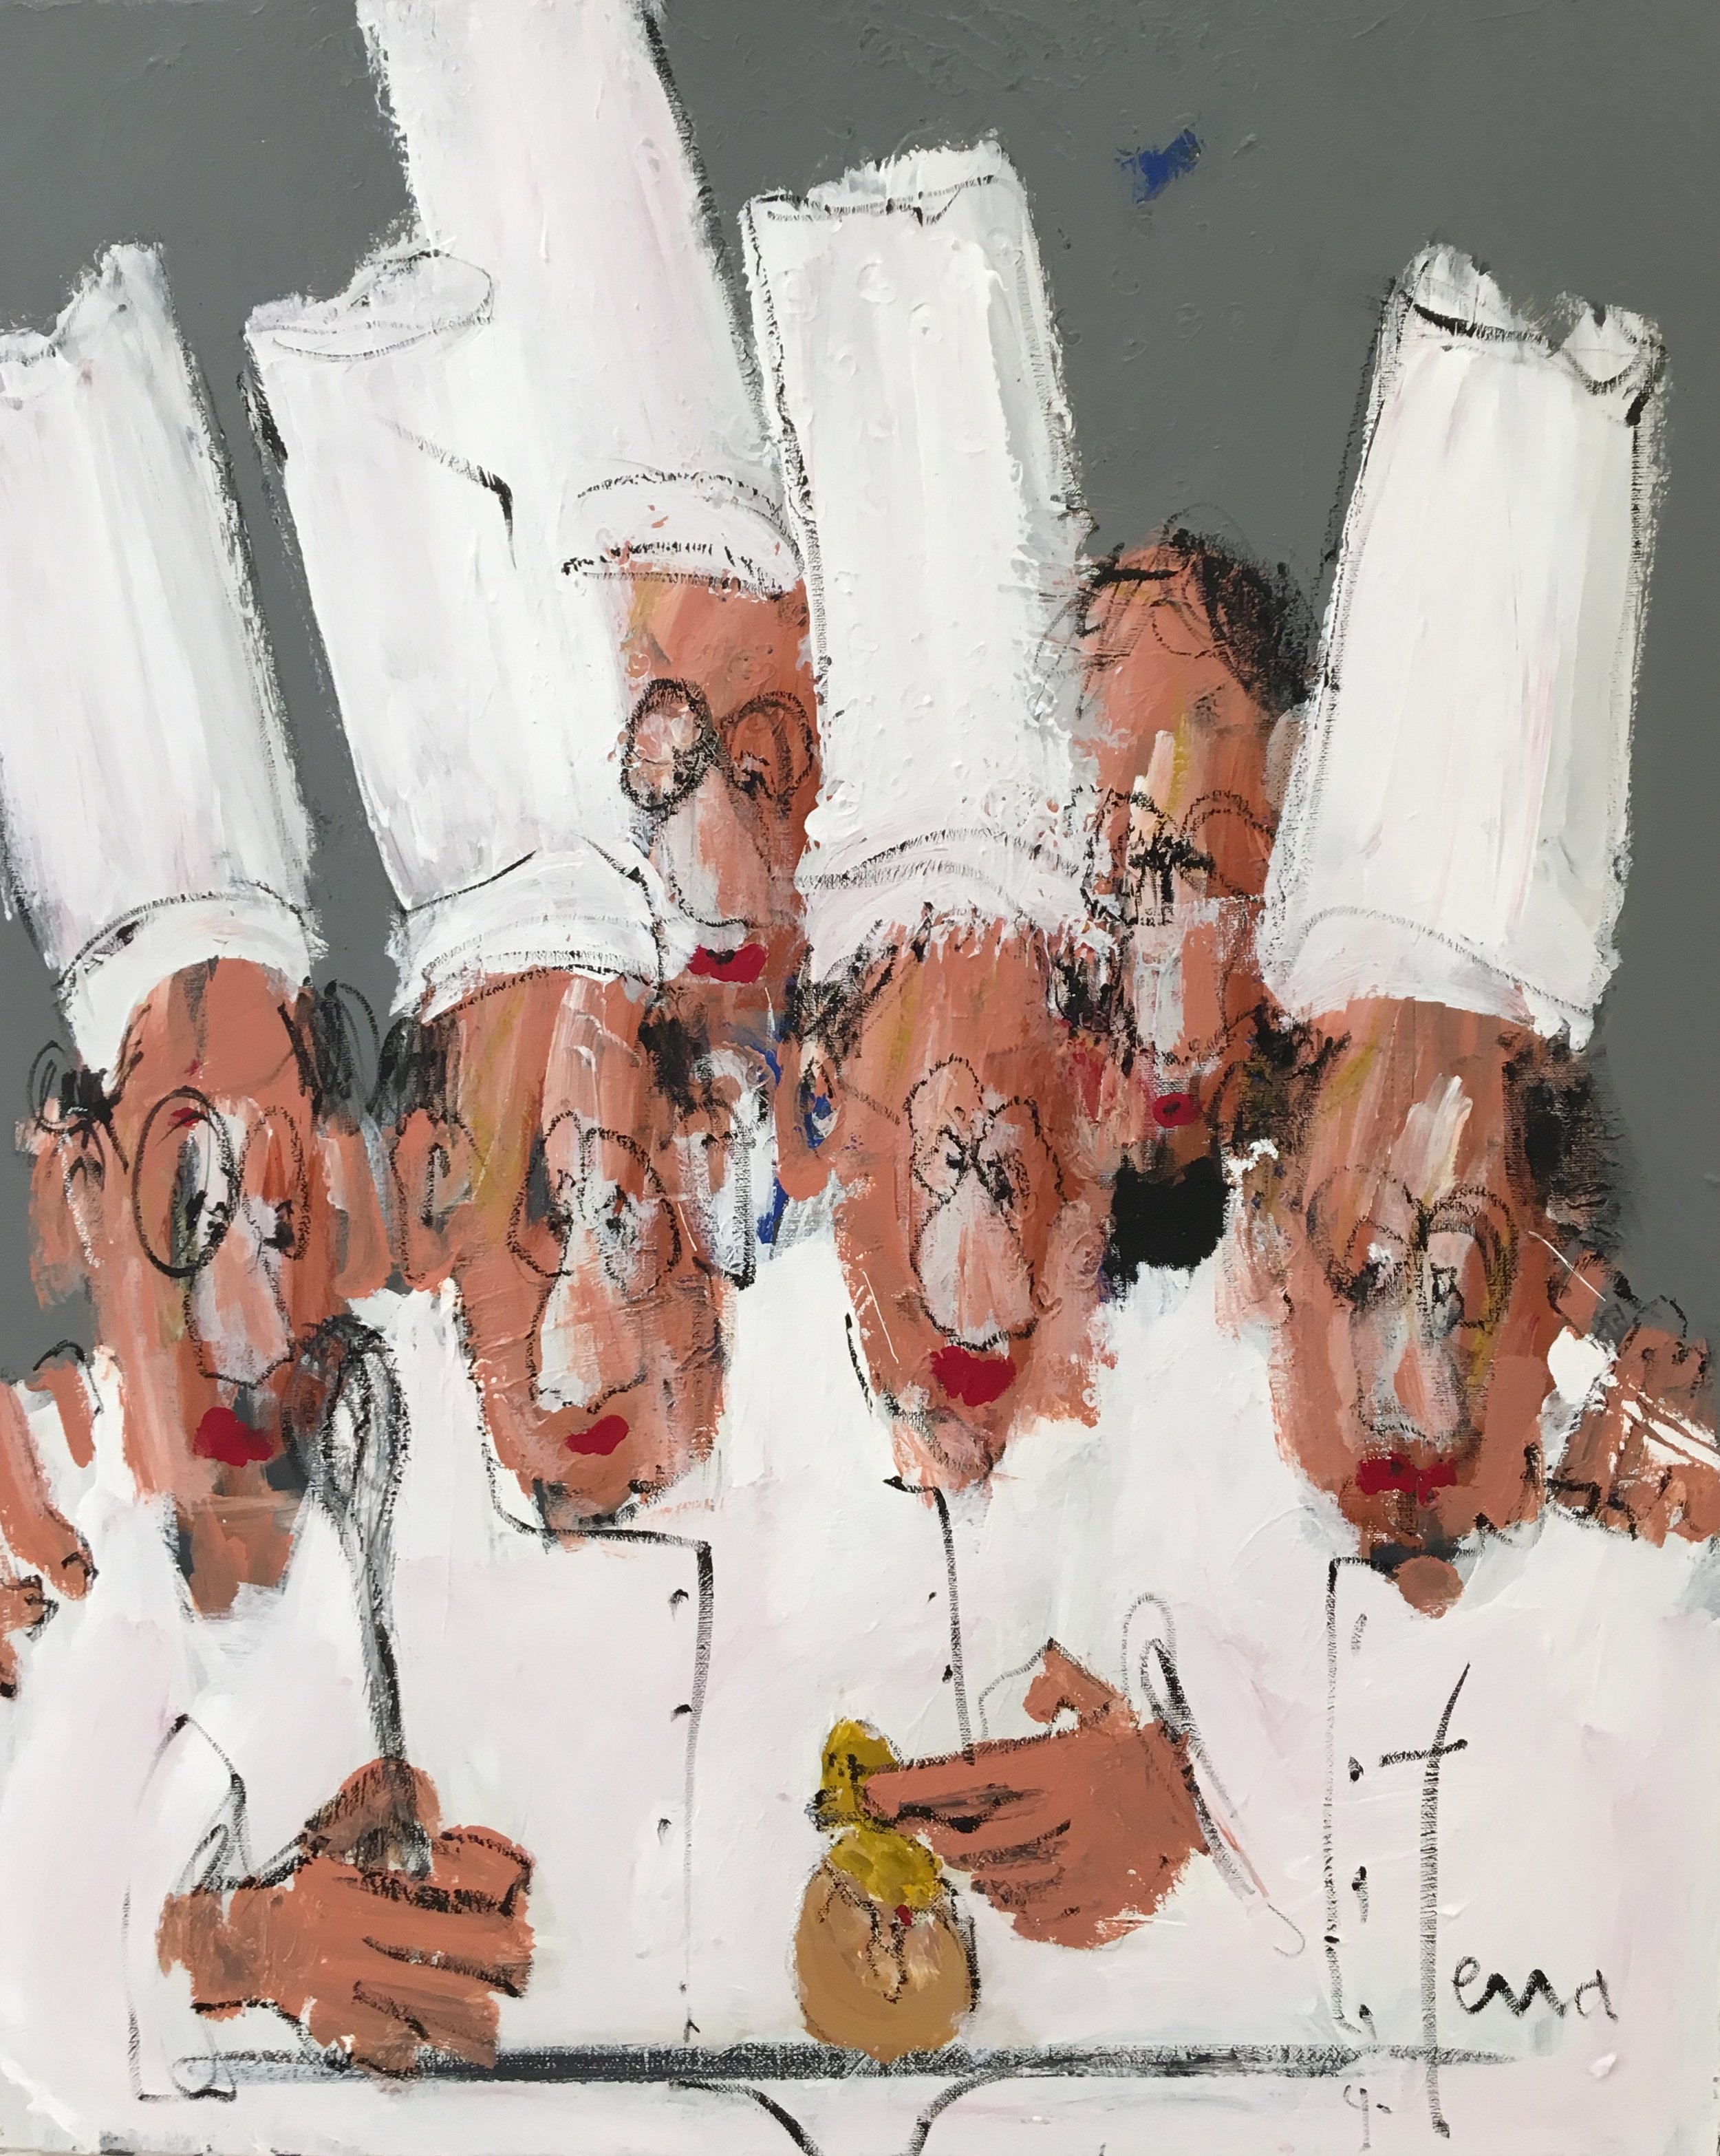 J'aime pas les oeufs Acrylique et pastel huile sur toile 81 x 65 cm